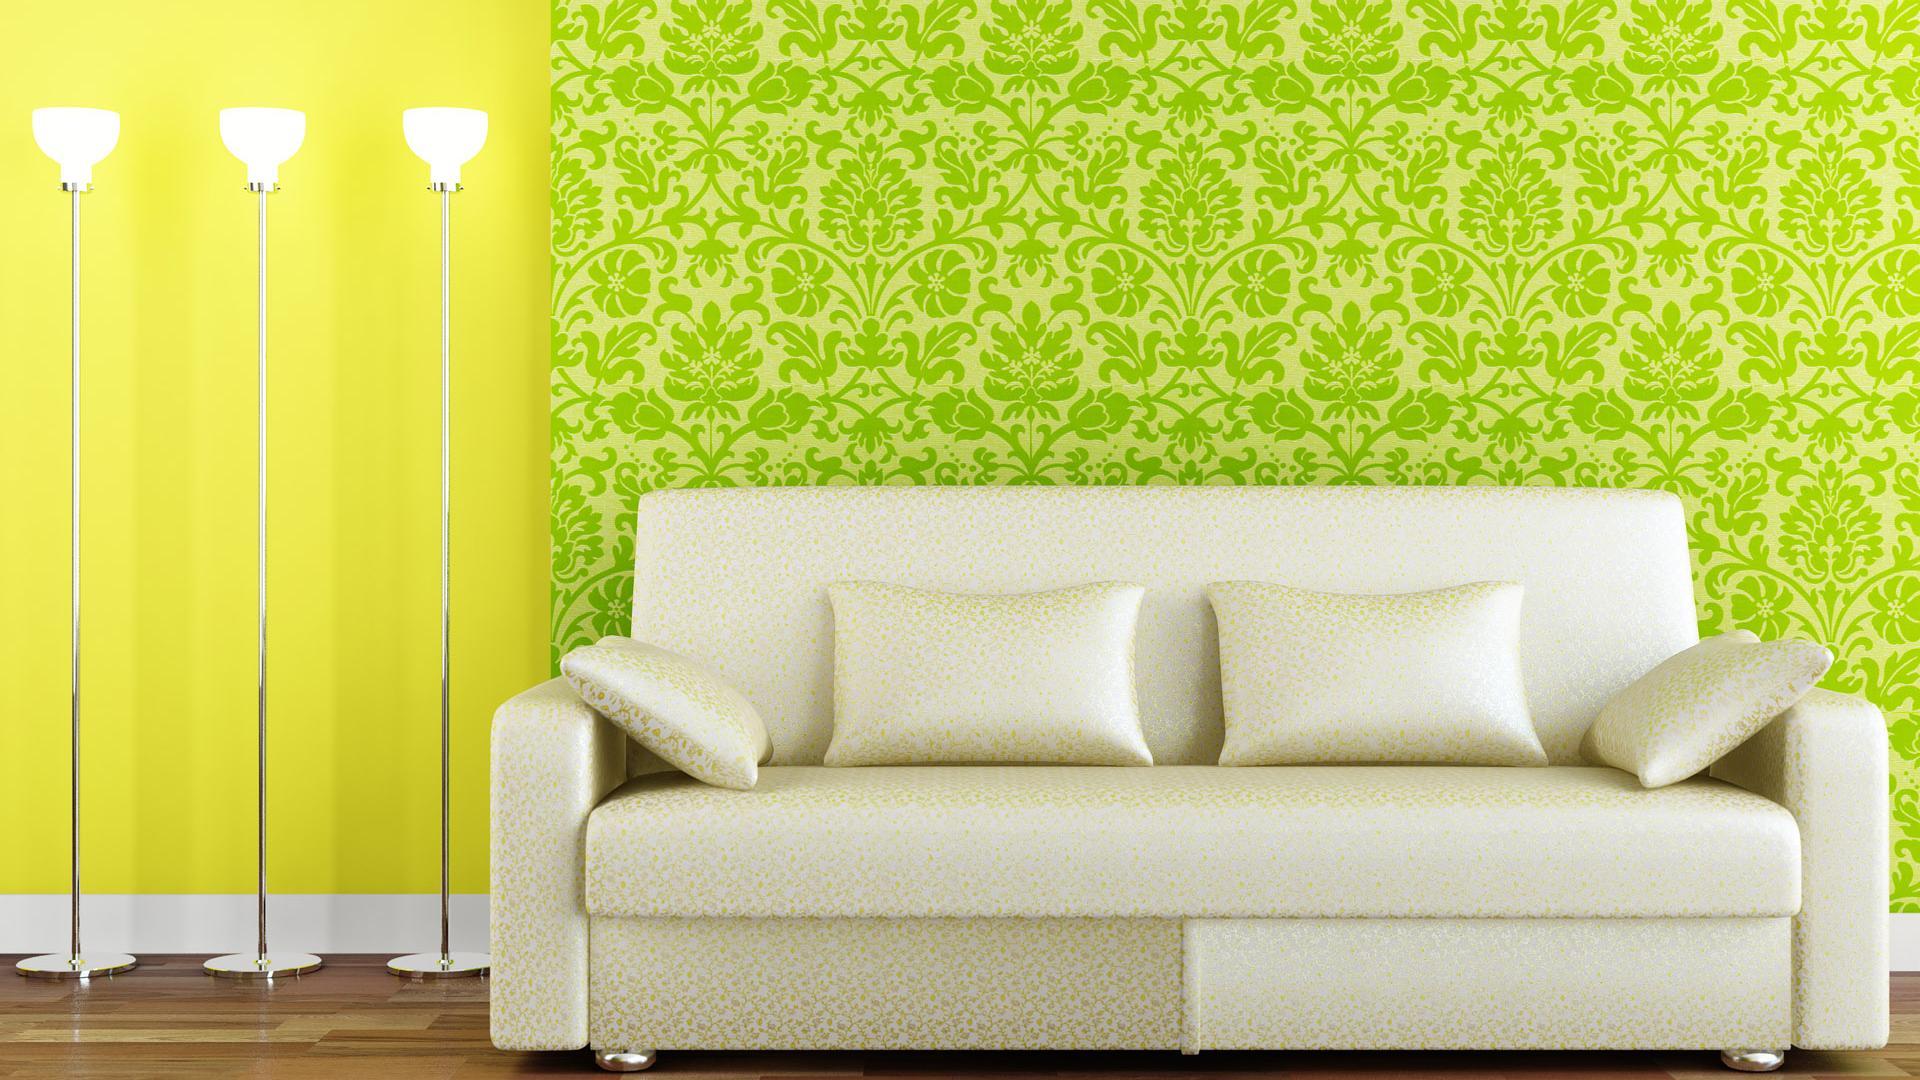 interior design furniture 1920x1080